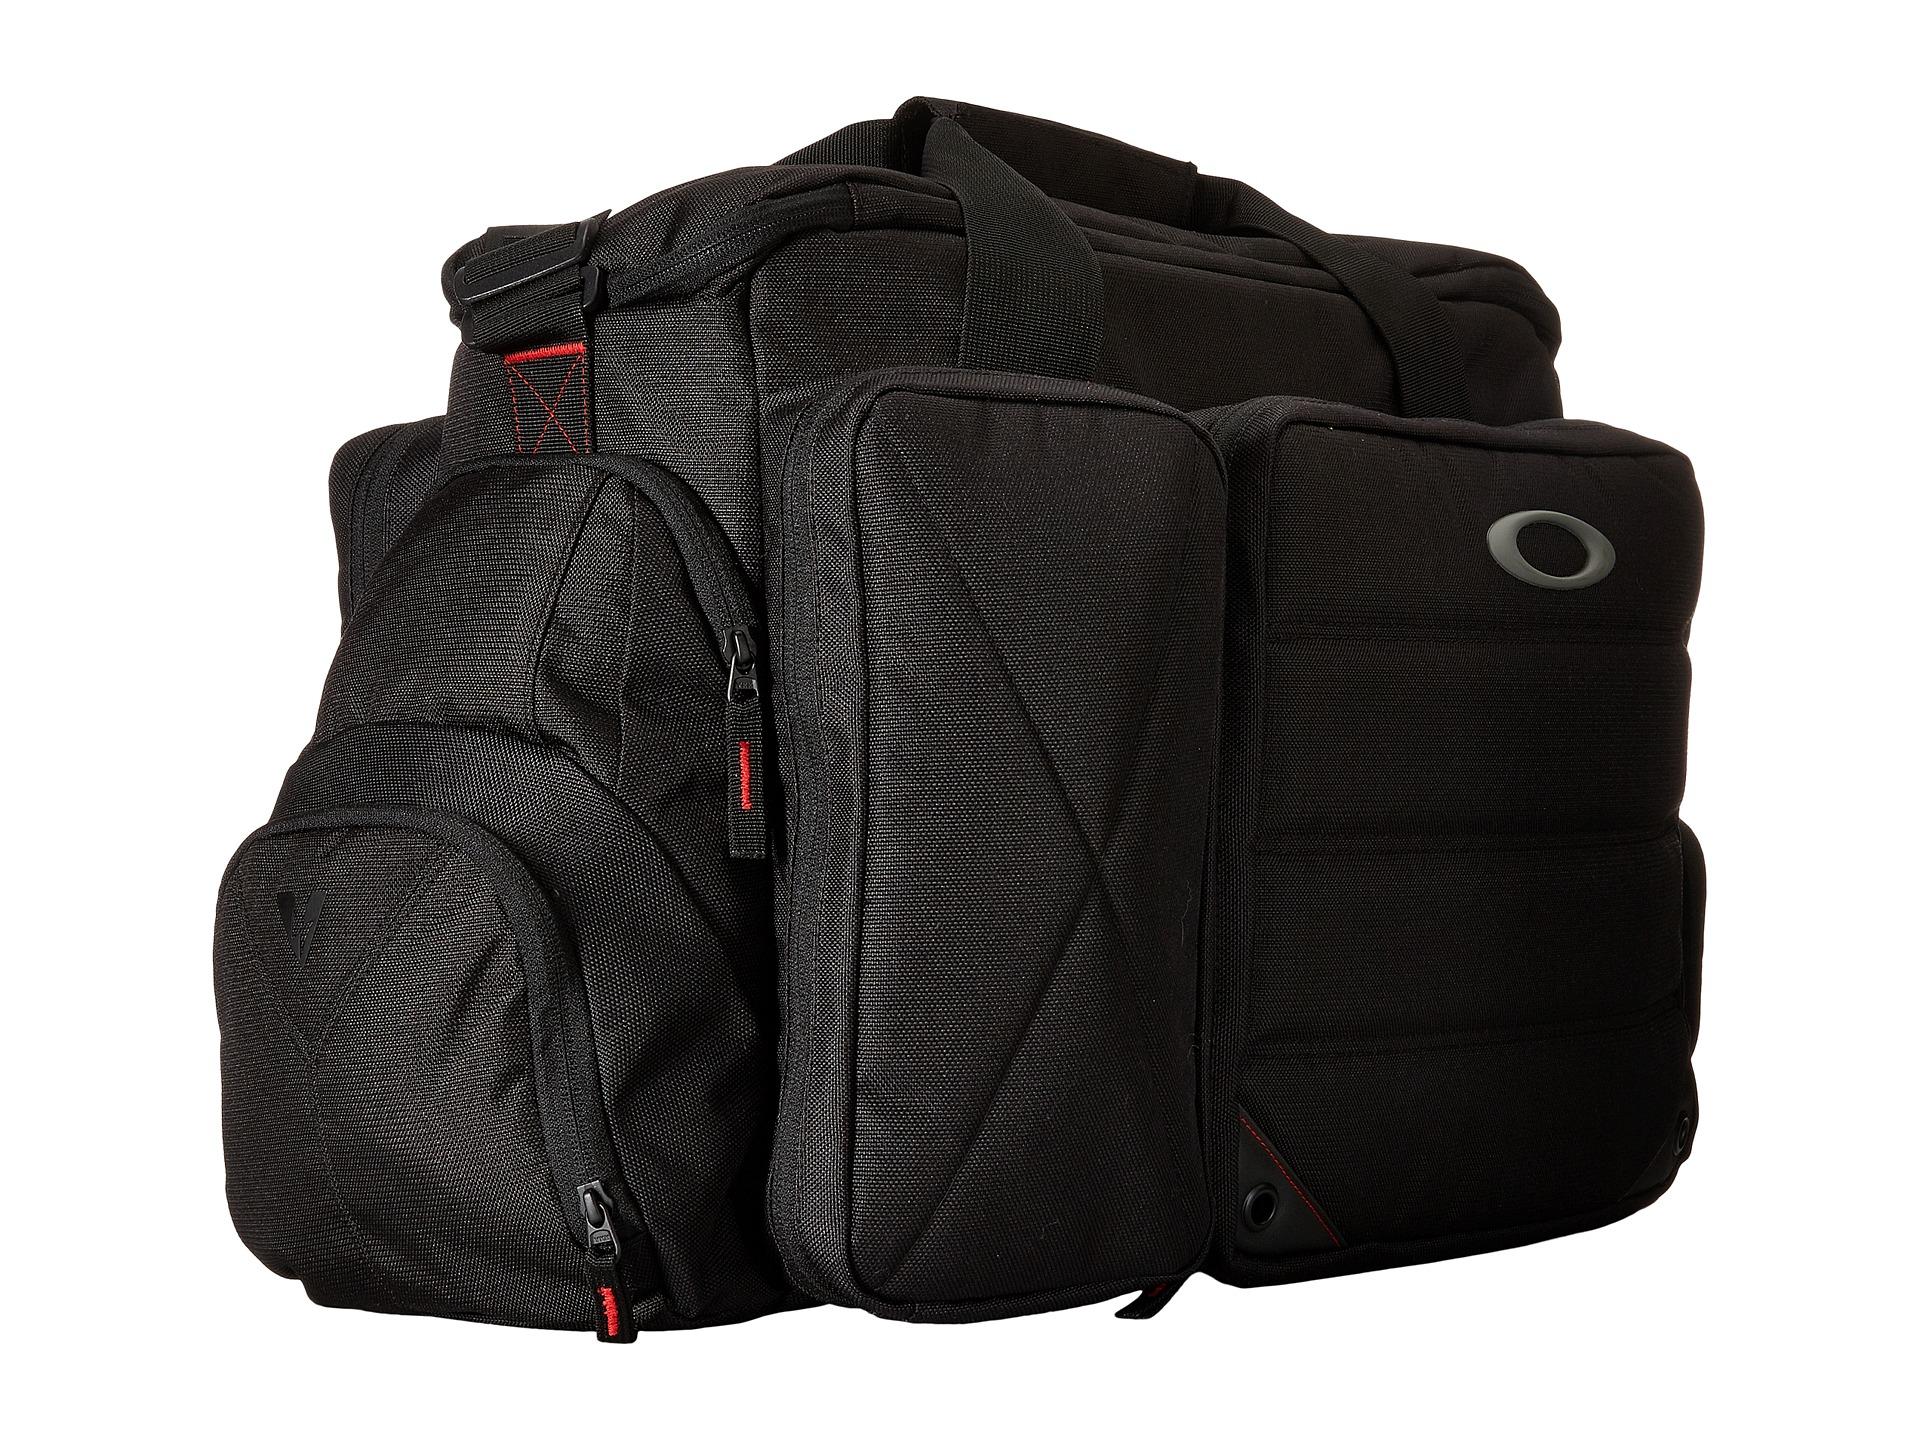 b427468749c8b Oakley Breach Bag